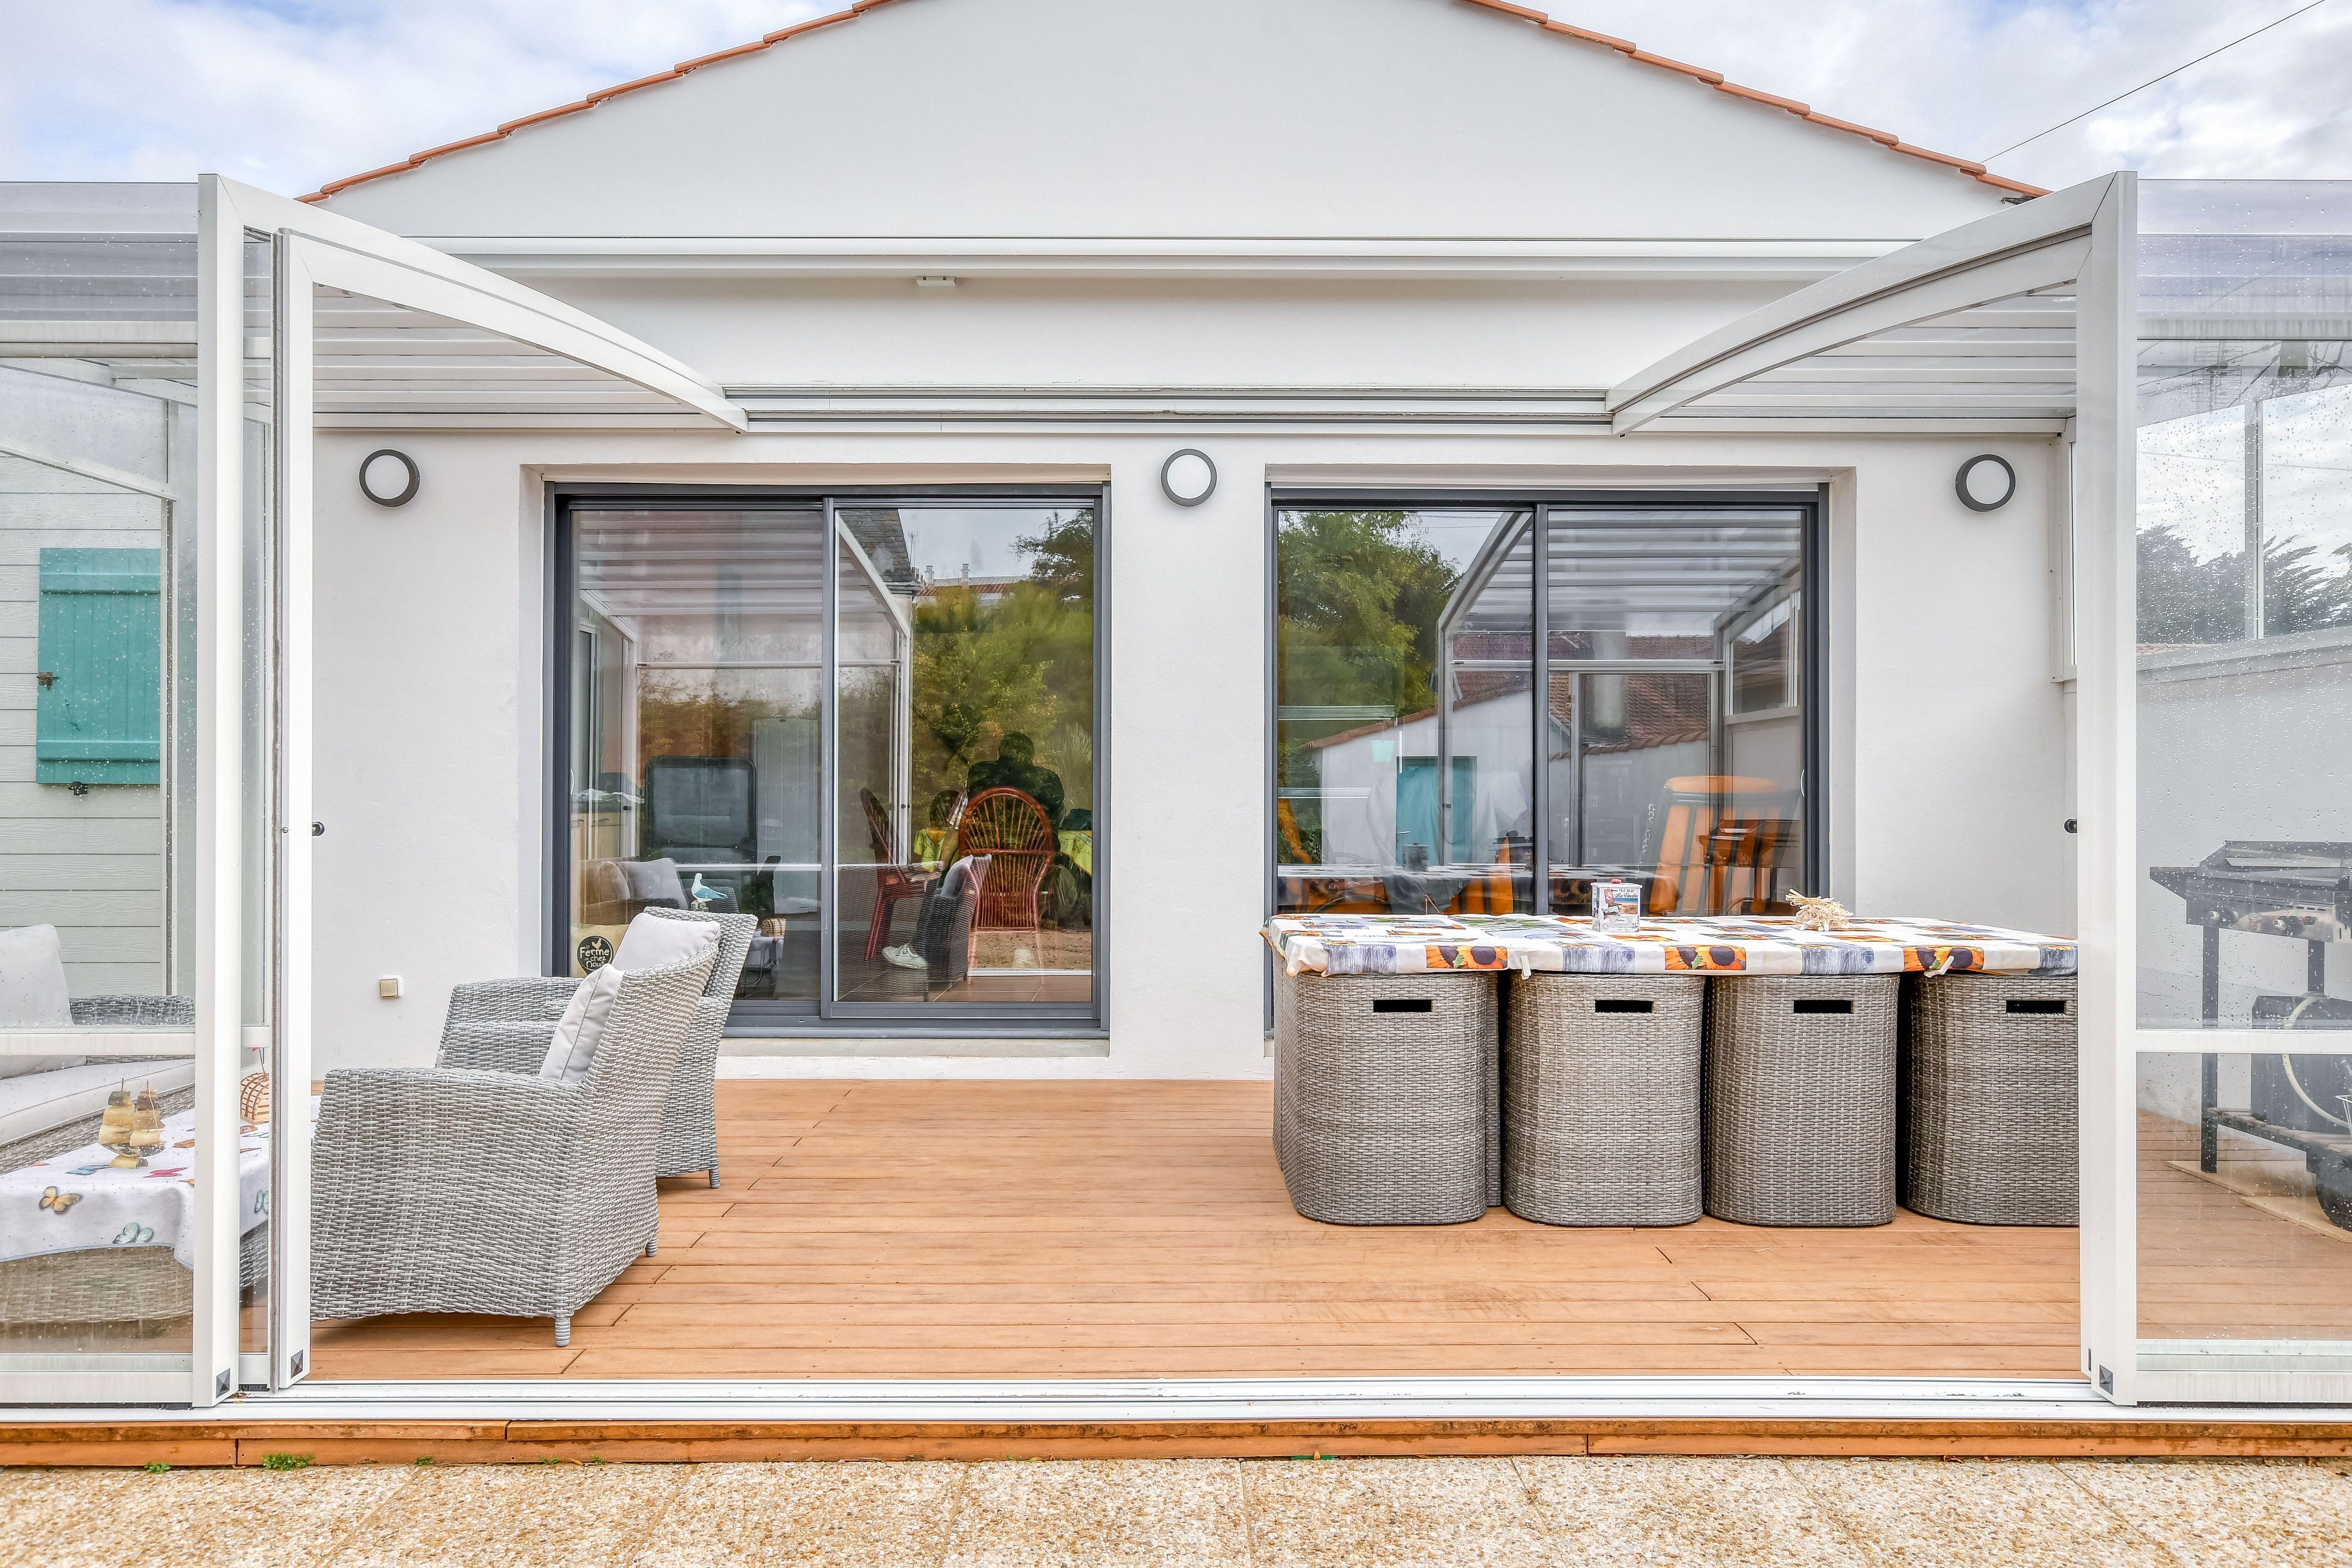 Abri Terrasse Aluminium Modeles Coulissants Telescopiques Renoval En 2020 Abri Terrasse Decoration Exterieur Terrasse